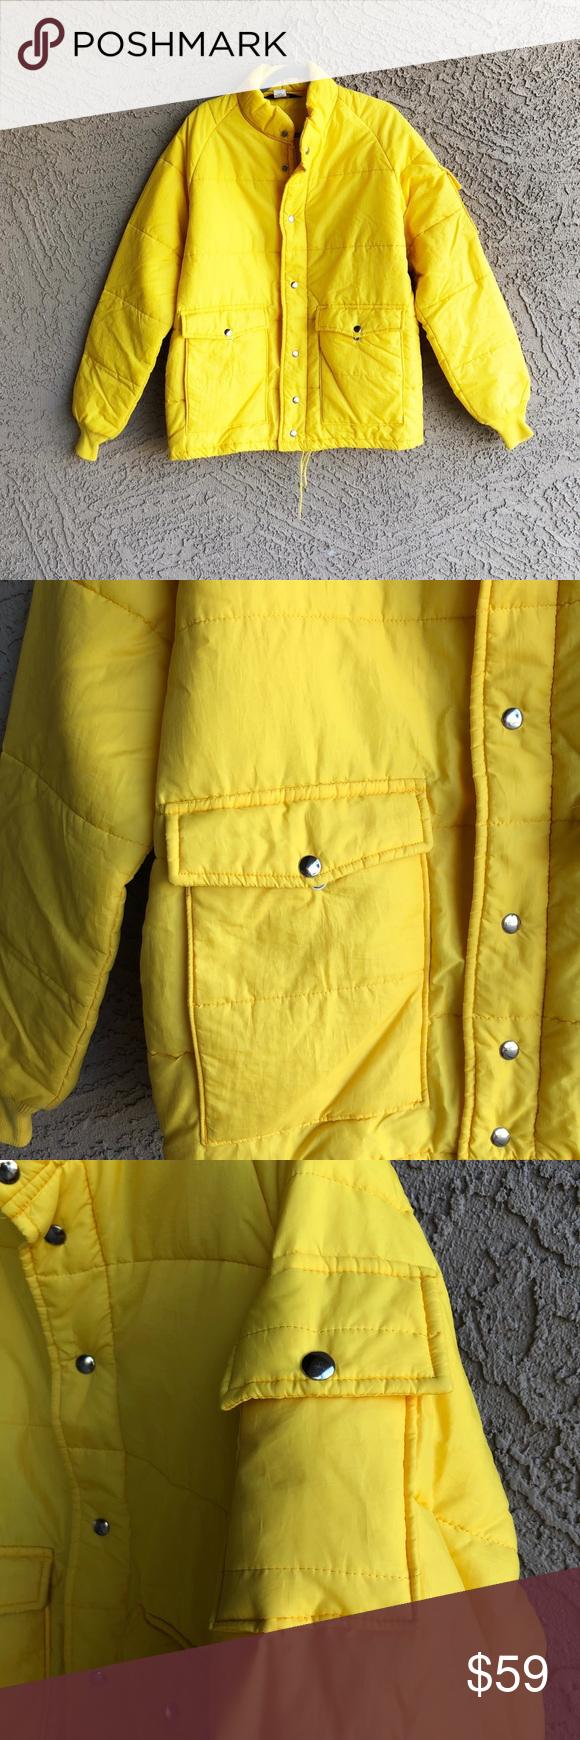 Vtg Swingster Men S Yellow Puffer Jacket Coat Vintage Bright Yellow Jacket Coat In Euc Zip Snap Closure Offers W Yellow Puffer Jacket Jackets Coats Jackets